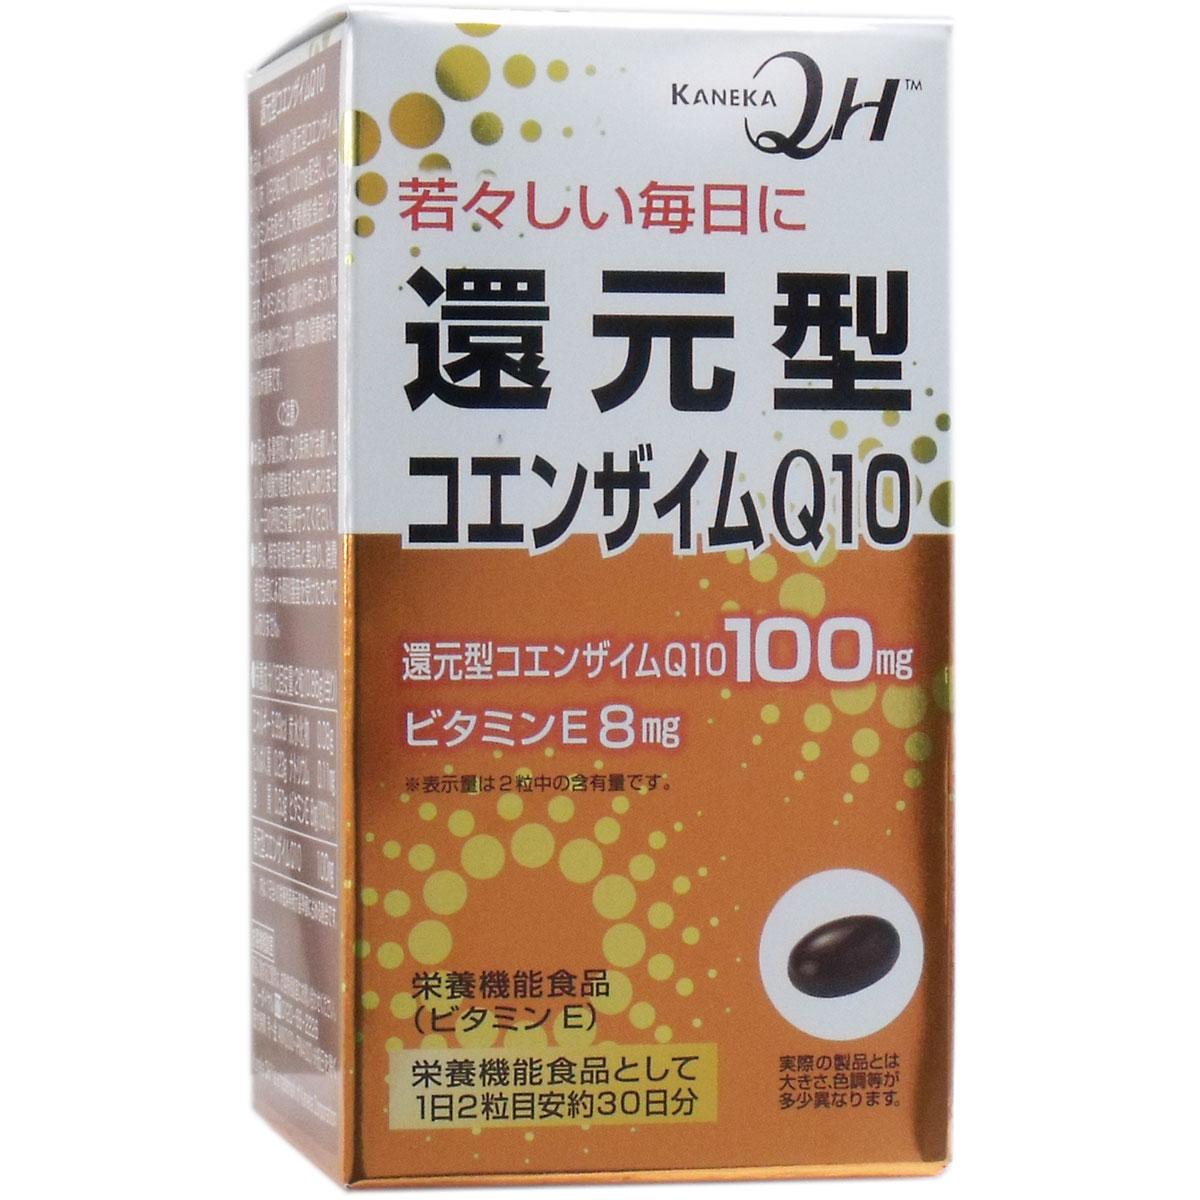 還元型コエンザイムQ10を1日2粒中に100mg配合 タイムセール メーカー公式ショップ 抗酸化作用 還元型コエンザイムQ10 60粒入 ビタミンE配合の栄養機能食品 国内倉庫より出荷